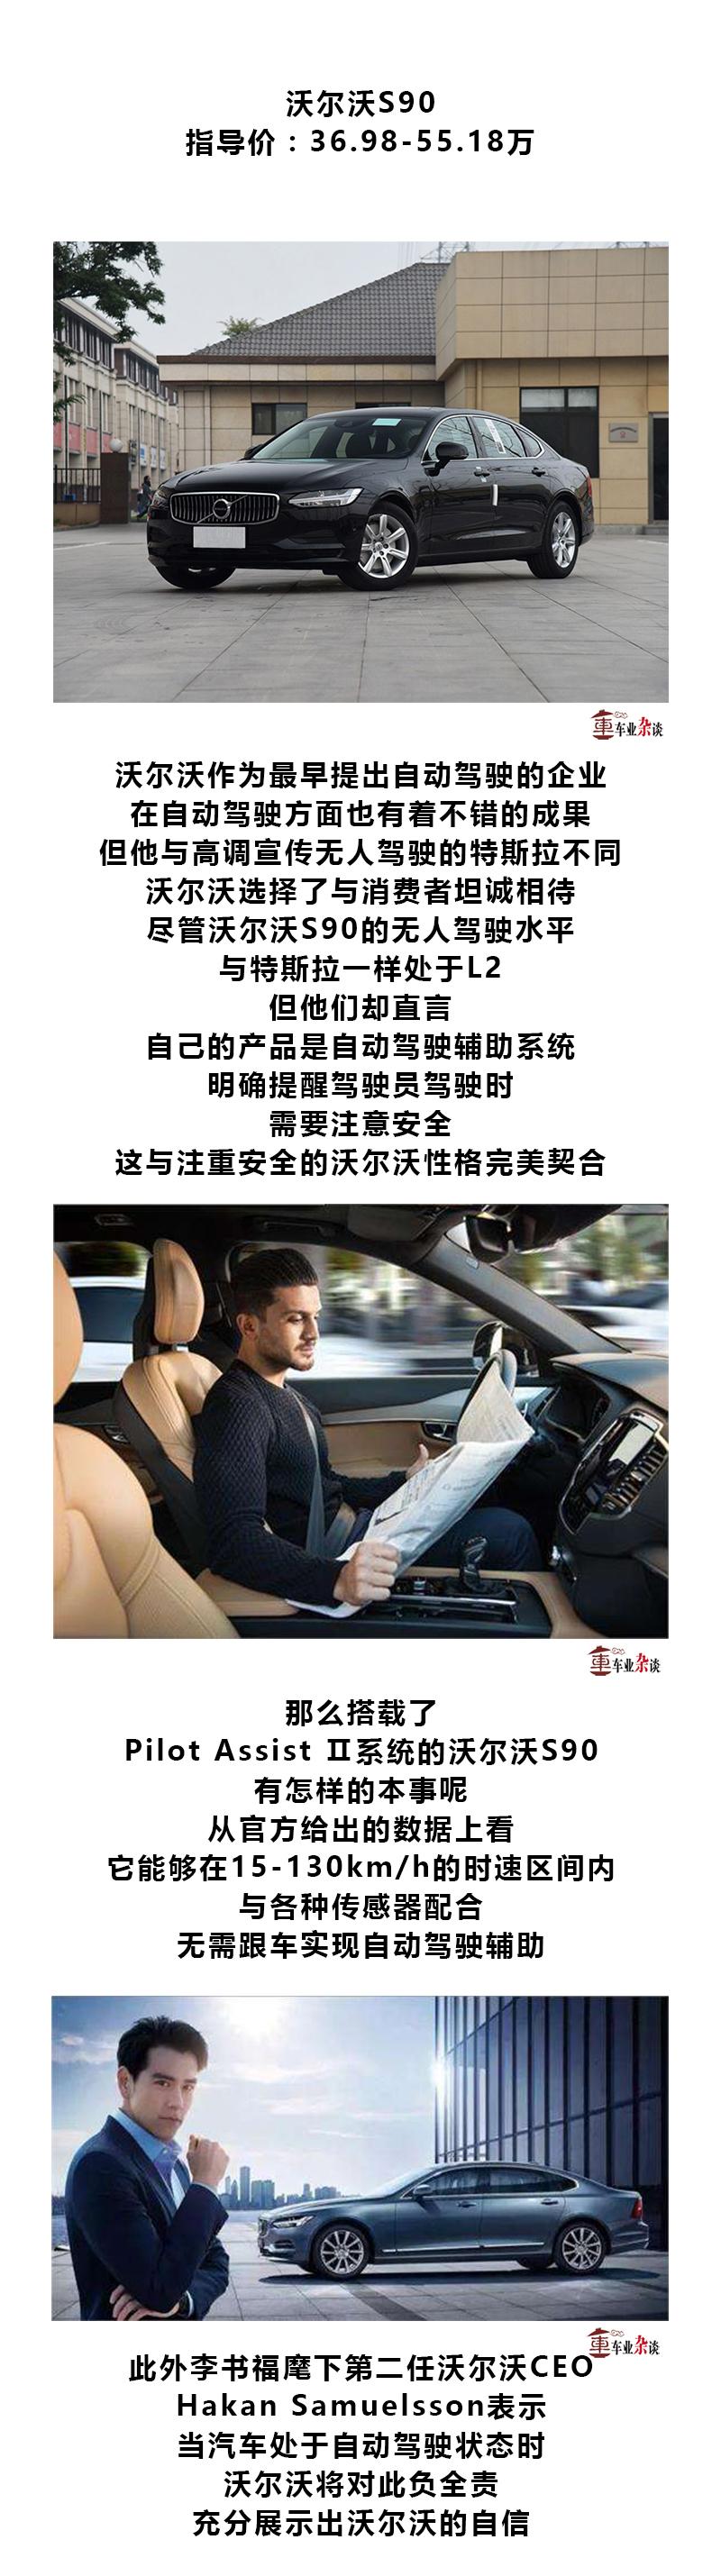 想体验无人驾驶的乐趣?这几款量产车可以满足你 - 周磊 - 周磊